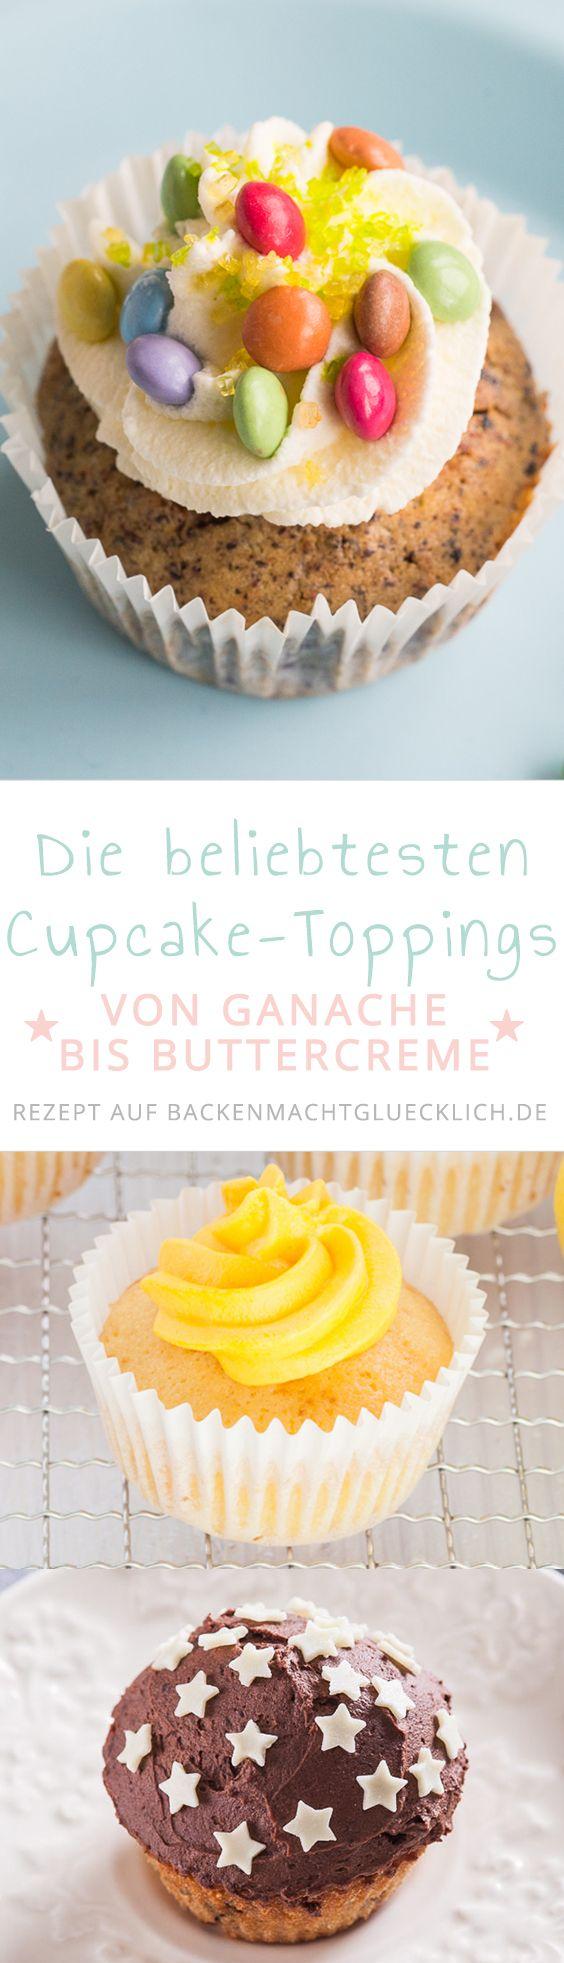 Sammlung mit Rezepten für die beliebtesten Cupcake-Frostings und Cupcake-Toppings: Buttercreme, Frischkäse-Buttercreme, Schokoladenganache, Meringueglasur sowie Frischkäsecreme mit weißer Schokolade. (Cake Frosting)